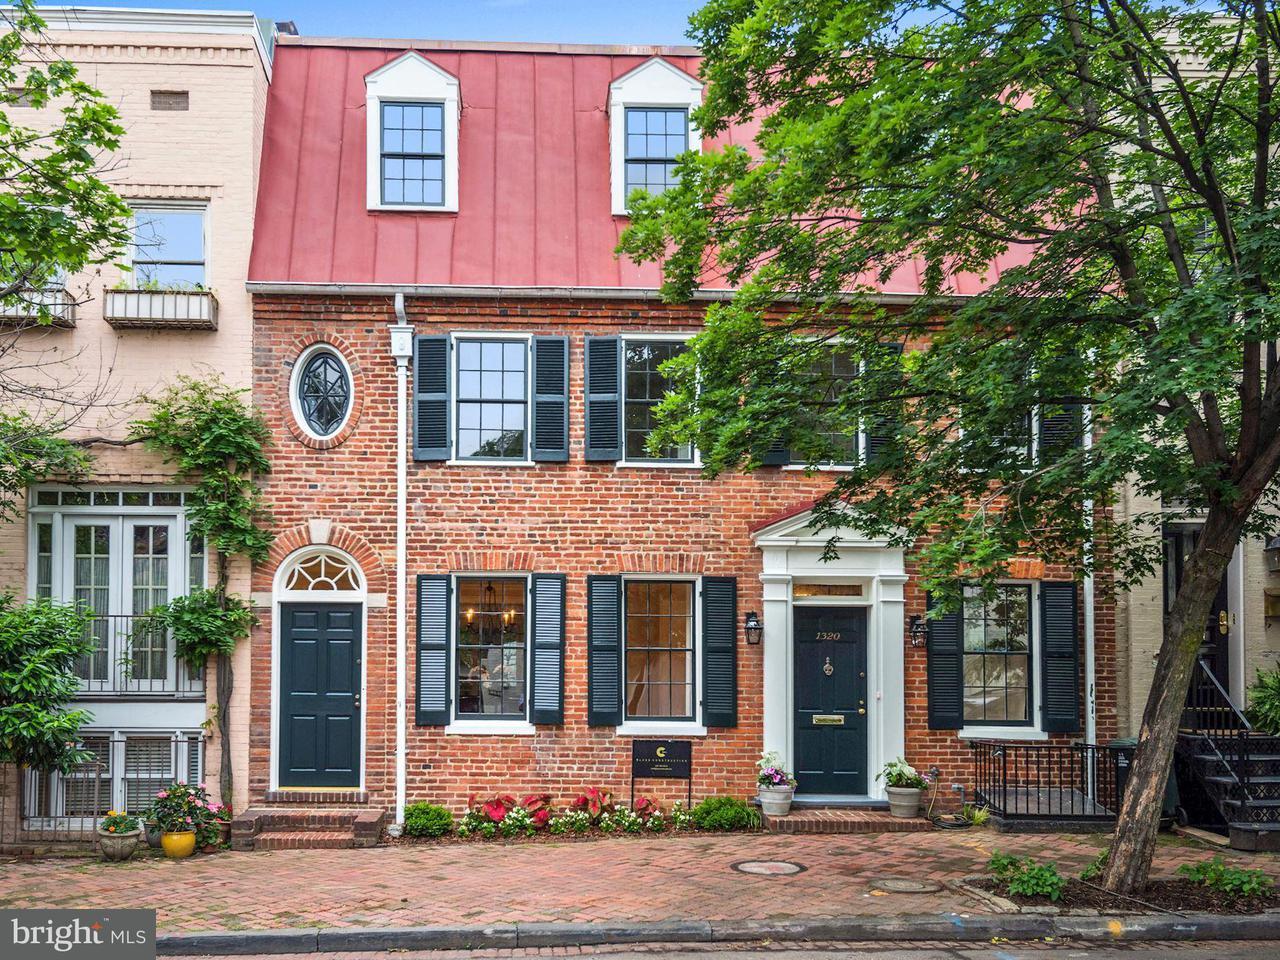 タウンハウス のために 売買 アット 1320 29TH ST NW 1320 29TH ST NW Washington, コロンビア特別区 20007 アメリカ合衆国